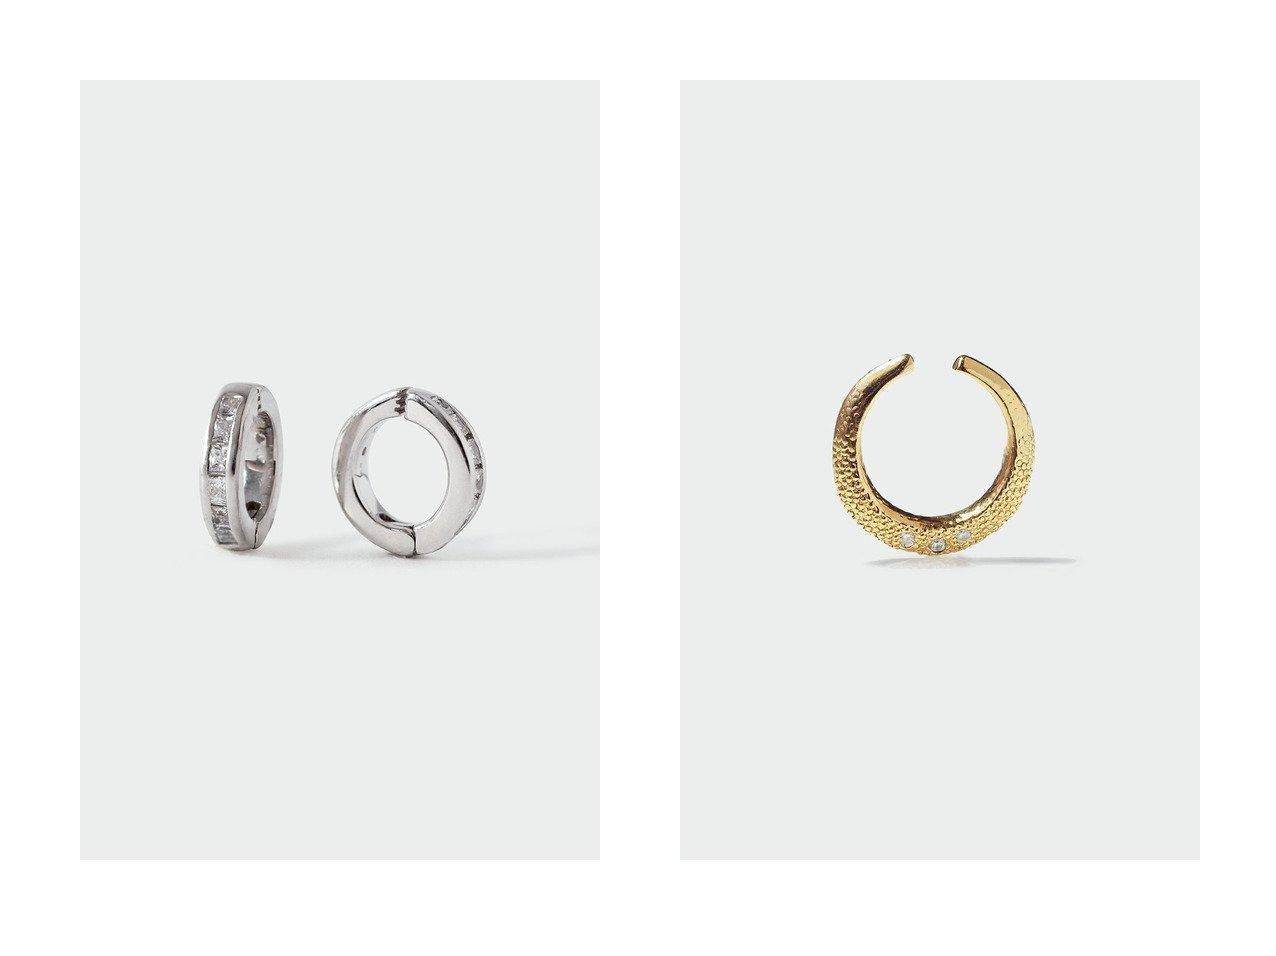 【AYAMI jewelry/アヤミ ジュエリー】のChannel Setting イヤリング&Pave Innocent イヤーカフ(片耳用) 【アクセサリー・ジュエリー】おすすめ!人気、トレンド・レディースファッションの通販 おすすめで人気の流行・トレンド、ファッションの通販商品 インテリア・家具・メンズファッション・キッズファッション・レディースファッション・服の通販 founy(ファニー) https://founy.com/ ファッション Fashion レディースファッション WOMEN ジュエリー Jewelry リング Rings イヤリング Earrings おすすめ Recommend イヤリング フォーマル 再入荷 Restock/Back in Stock/Re Arrival イヤーカフ シルバー シンプル ジュエリー テクスチャー リュクス 片耳  ID:crp329100000072207